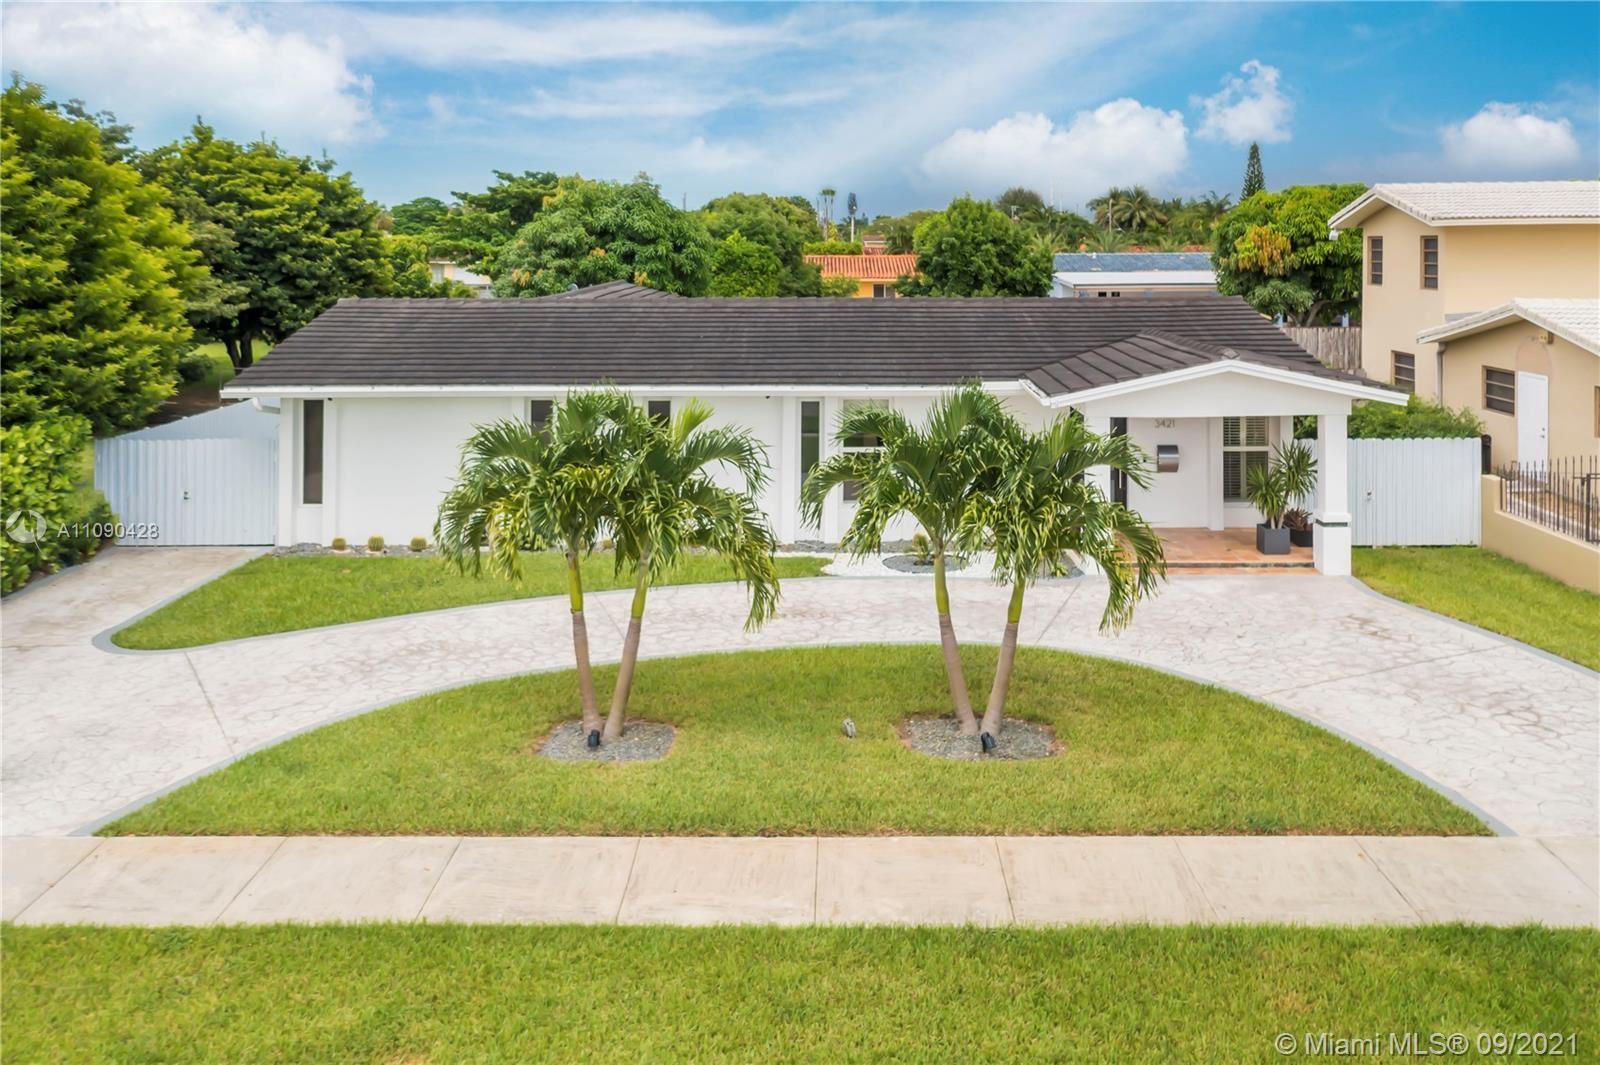 3421 SW 100th Ave, Miami, FL 33165 - #: A11090428